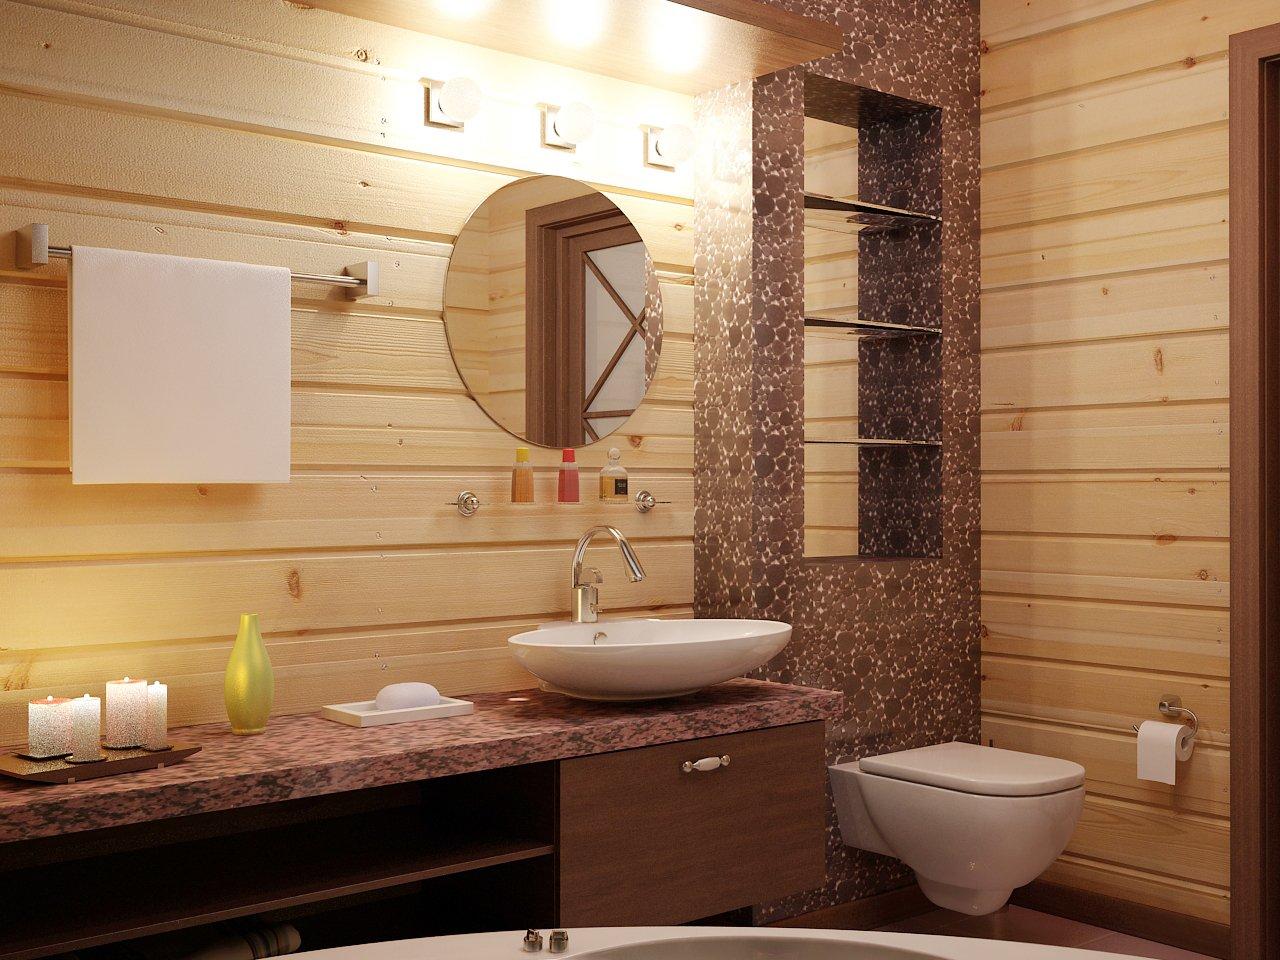 санузел в деревянном доме своими руками фото накручивать полоску